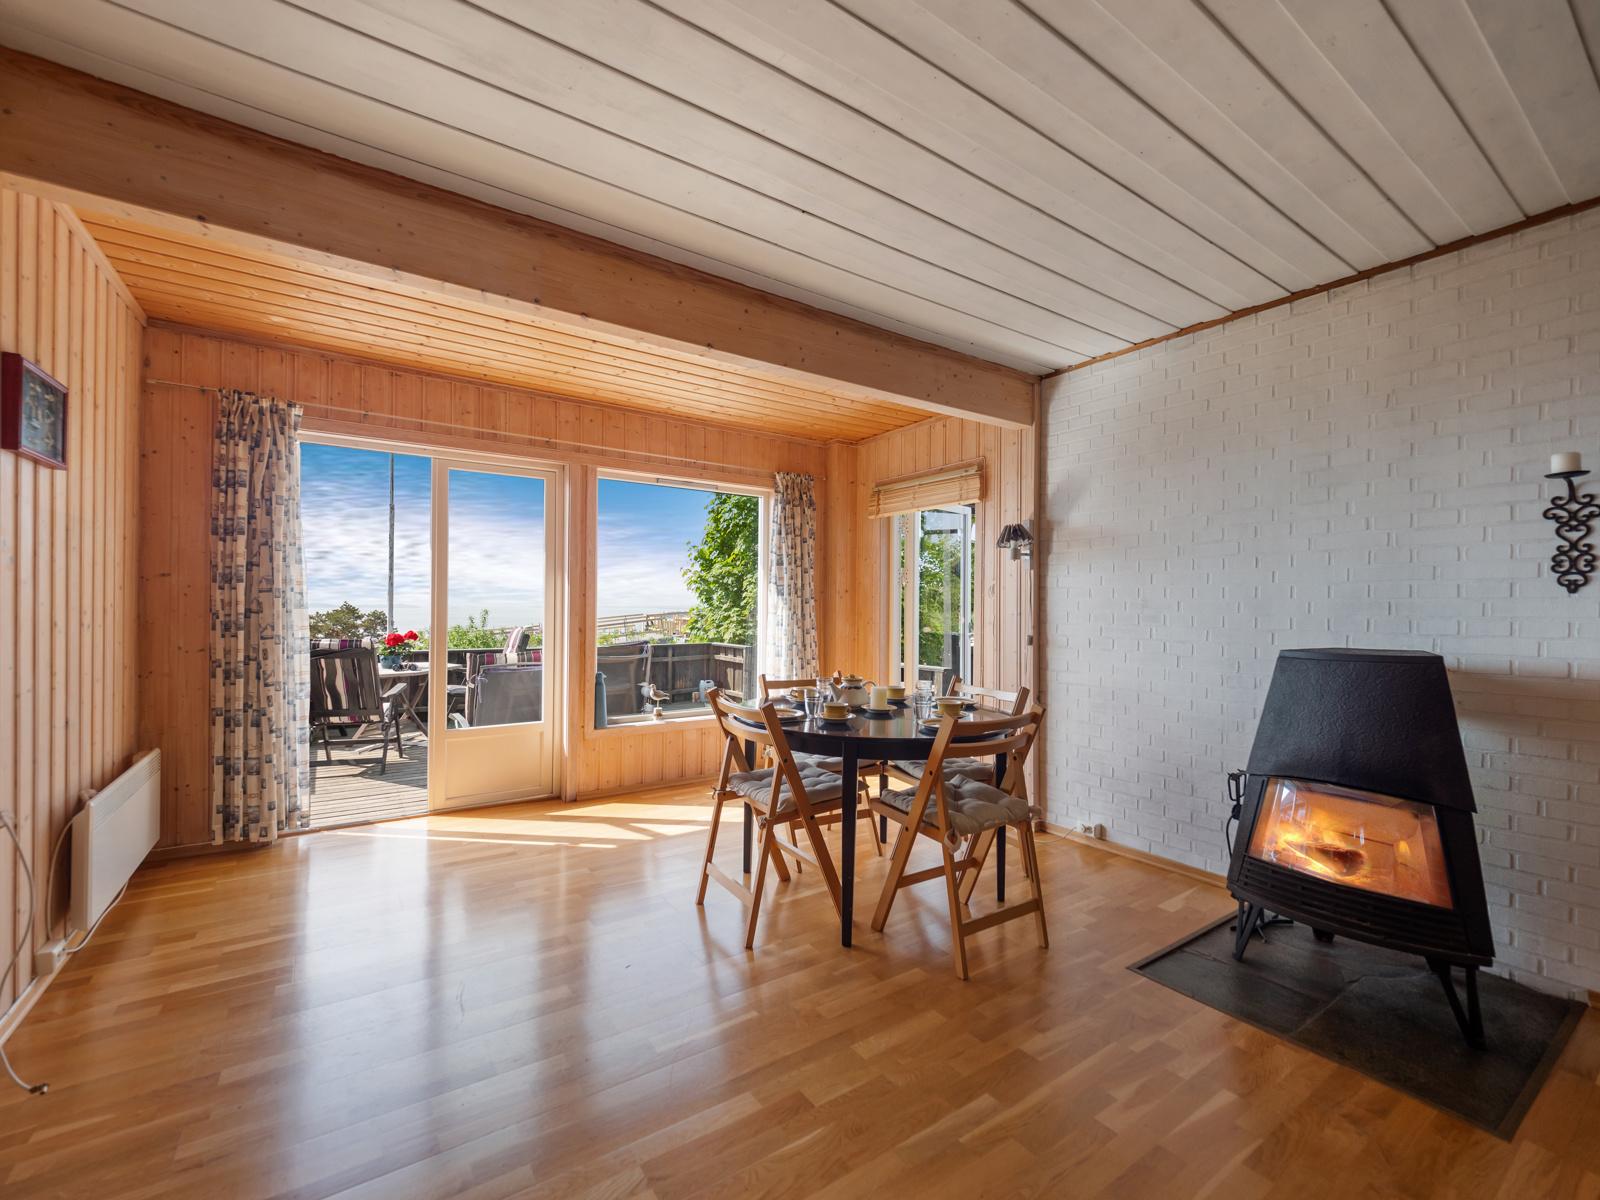 Stuen er lys - Har store vindusflater som gir gode lys- og utsiktsforhold